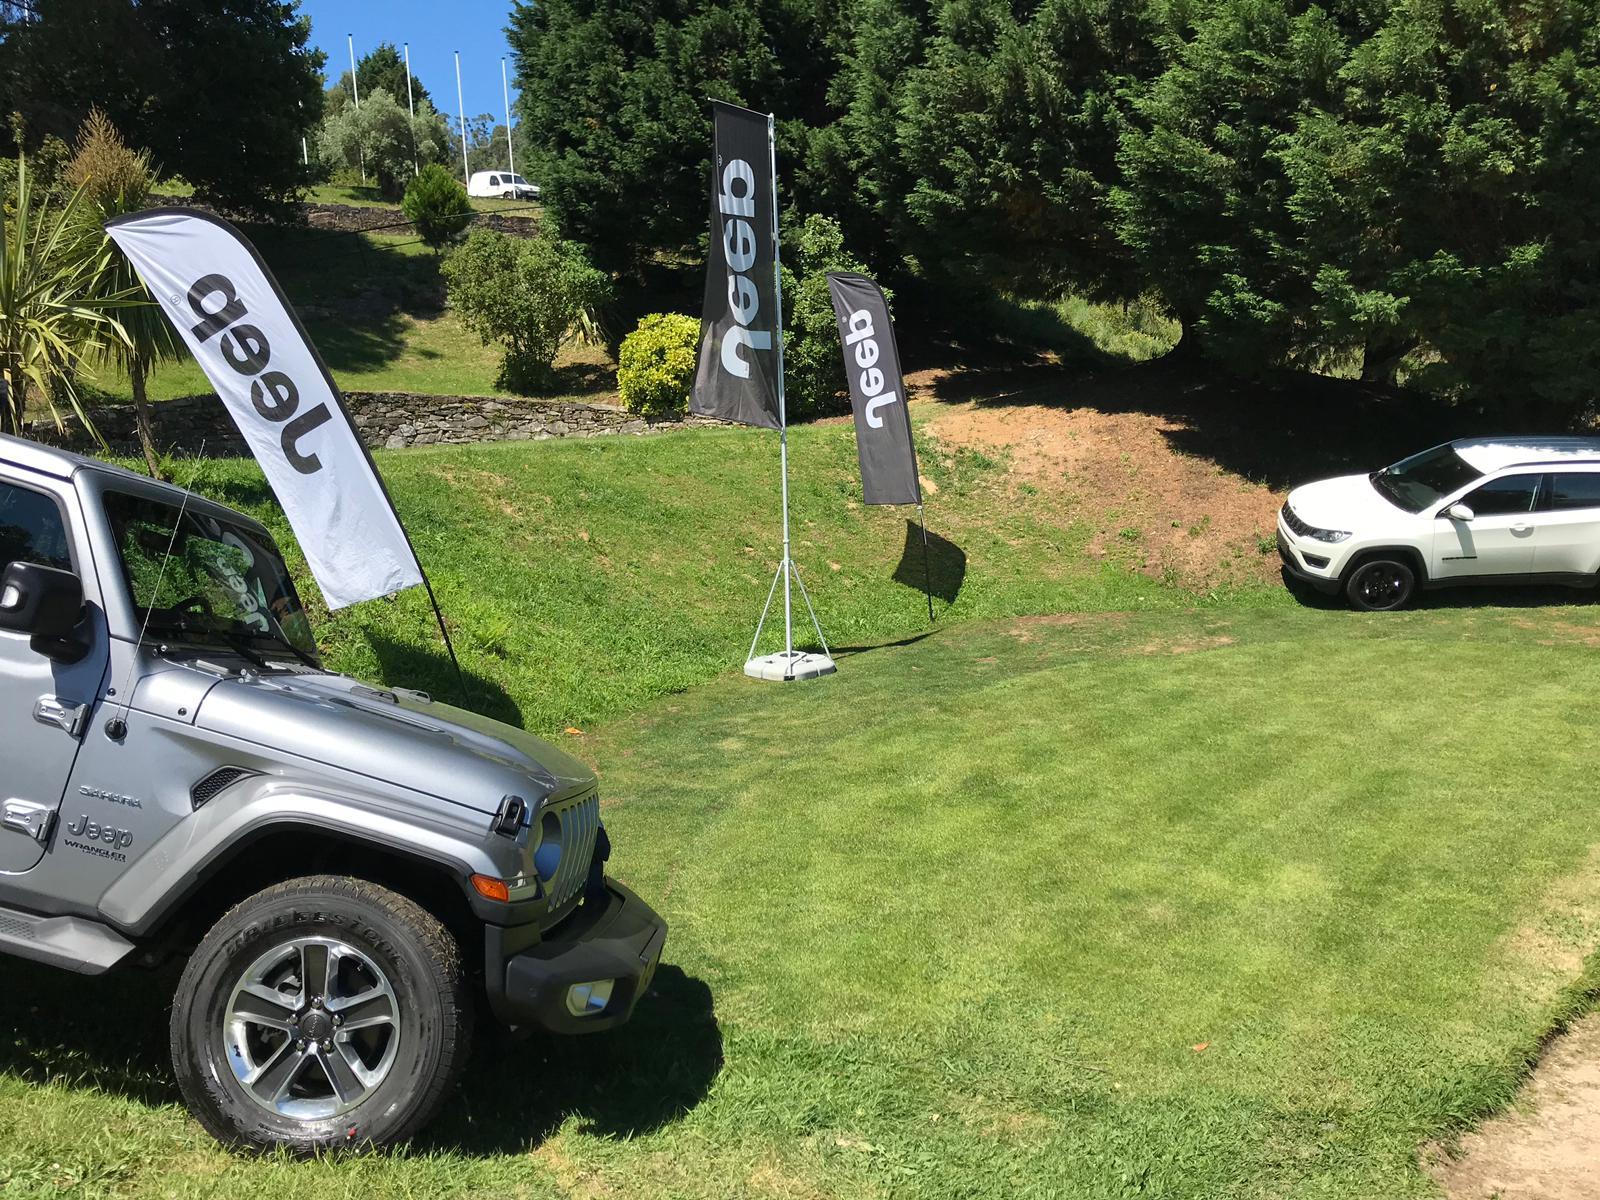 organización de eventos torneo golf jeep